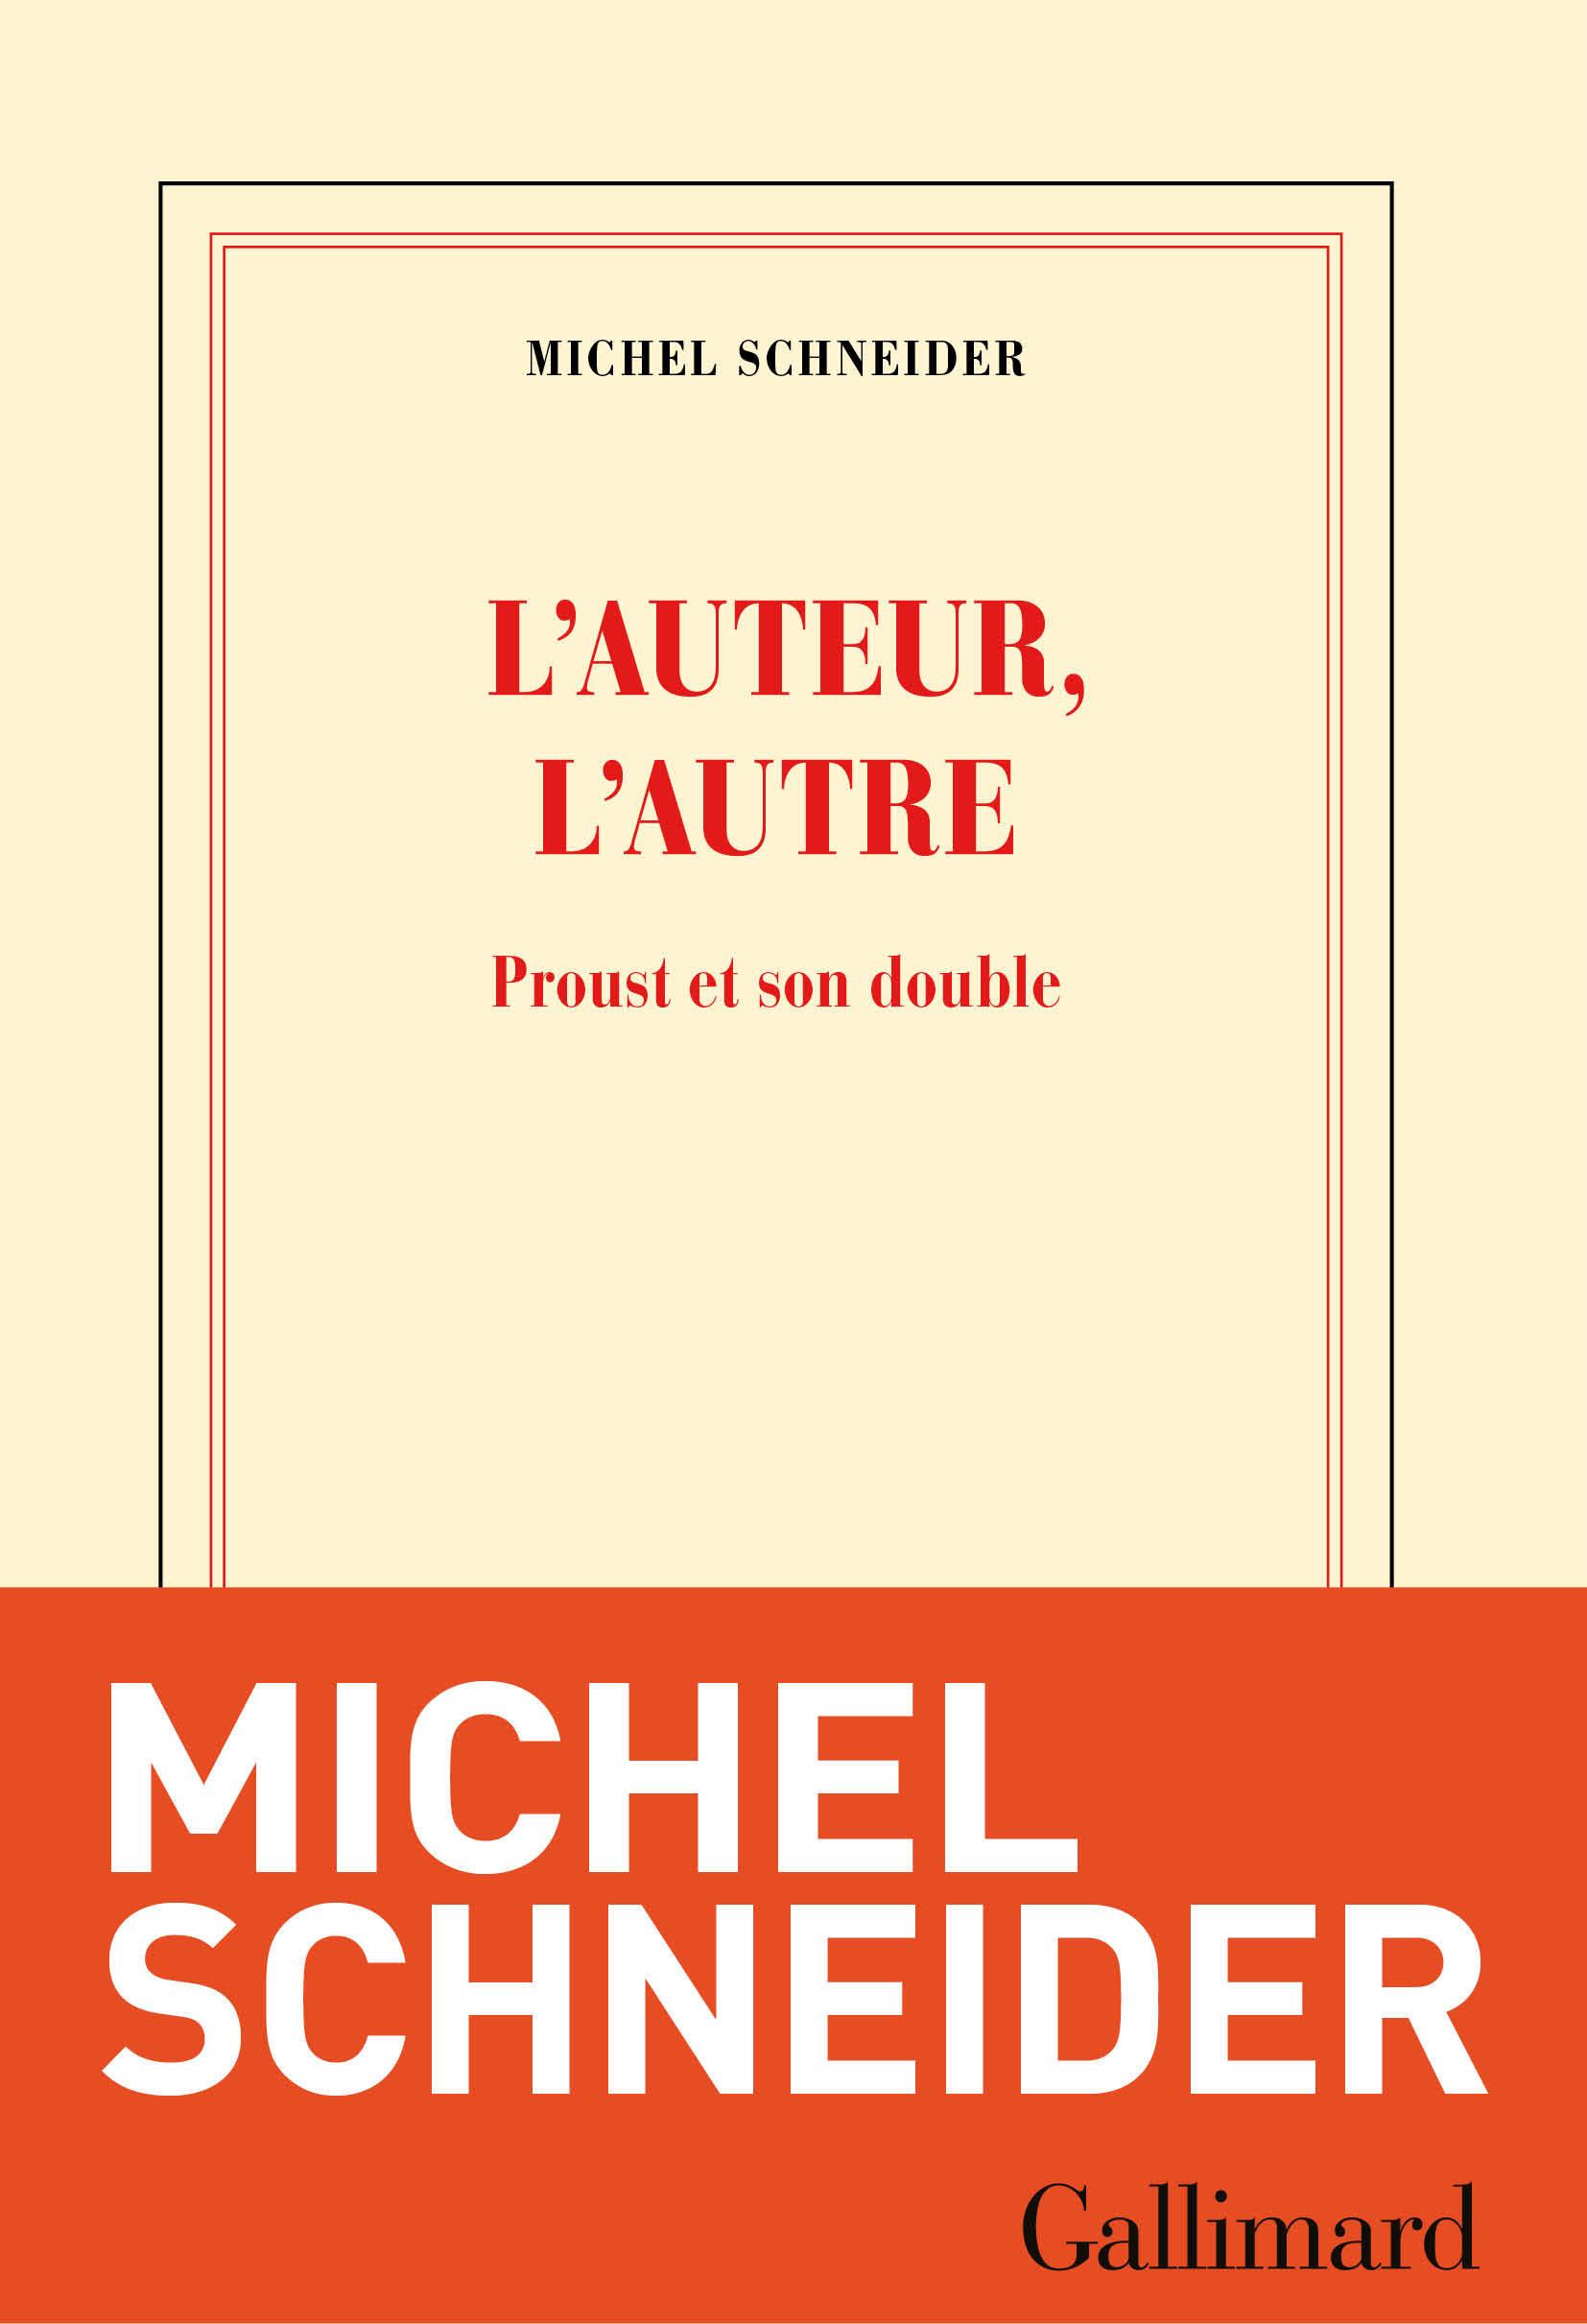 L'auteur, l'autre. Proust et son double